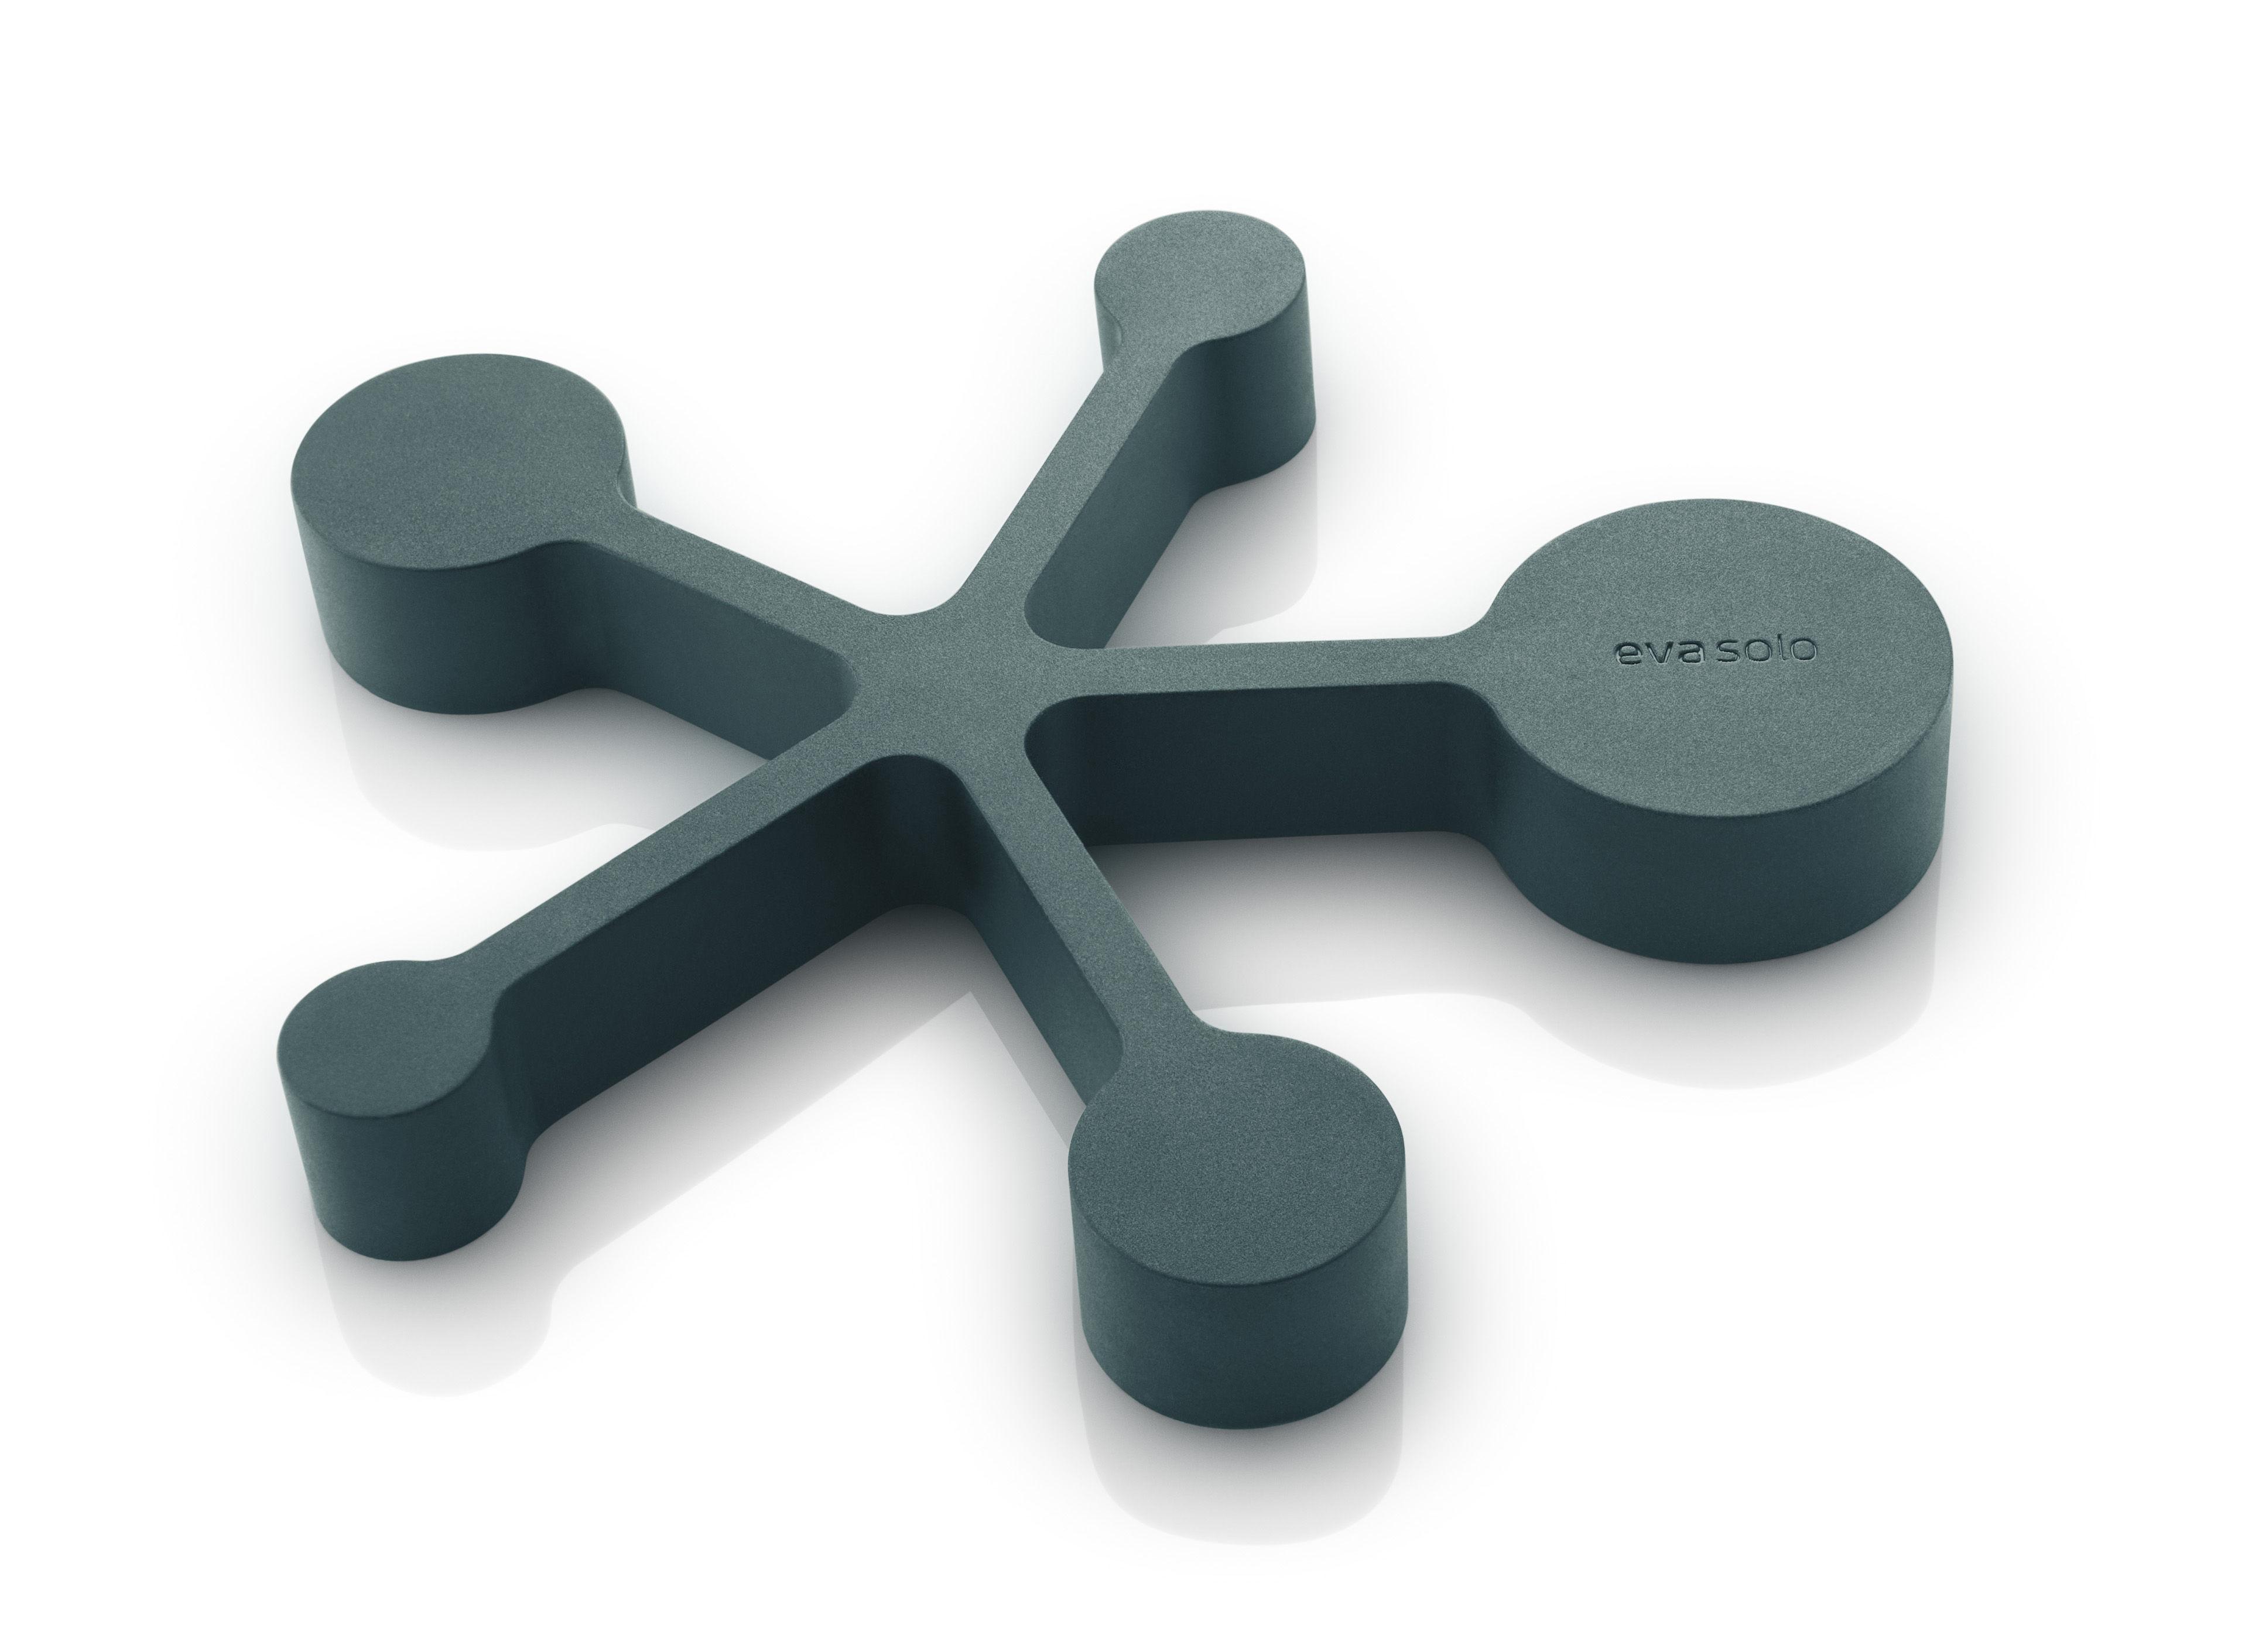 Arts de la table - Dessous de plat - Dessous de plat / Cuillères doseuses intégrées - Silicone souple - Eva Solo - Bleu Pétrole - Silicone souple